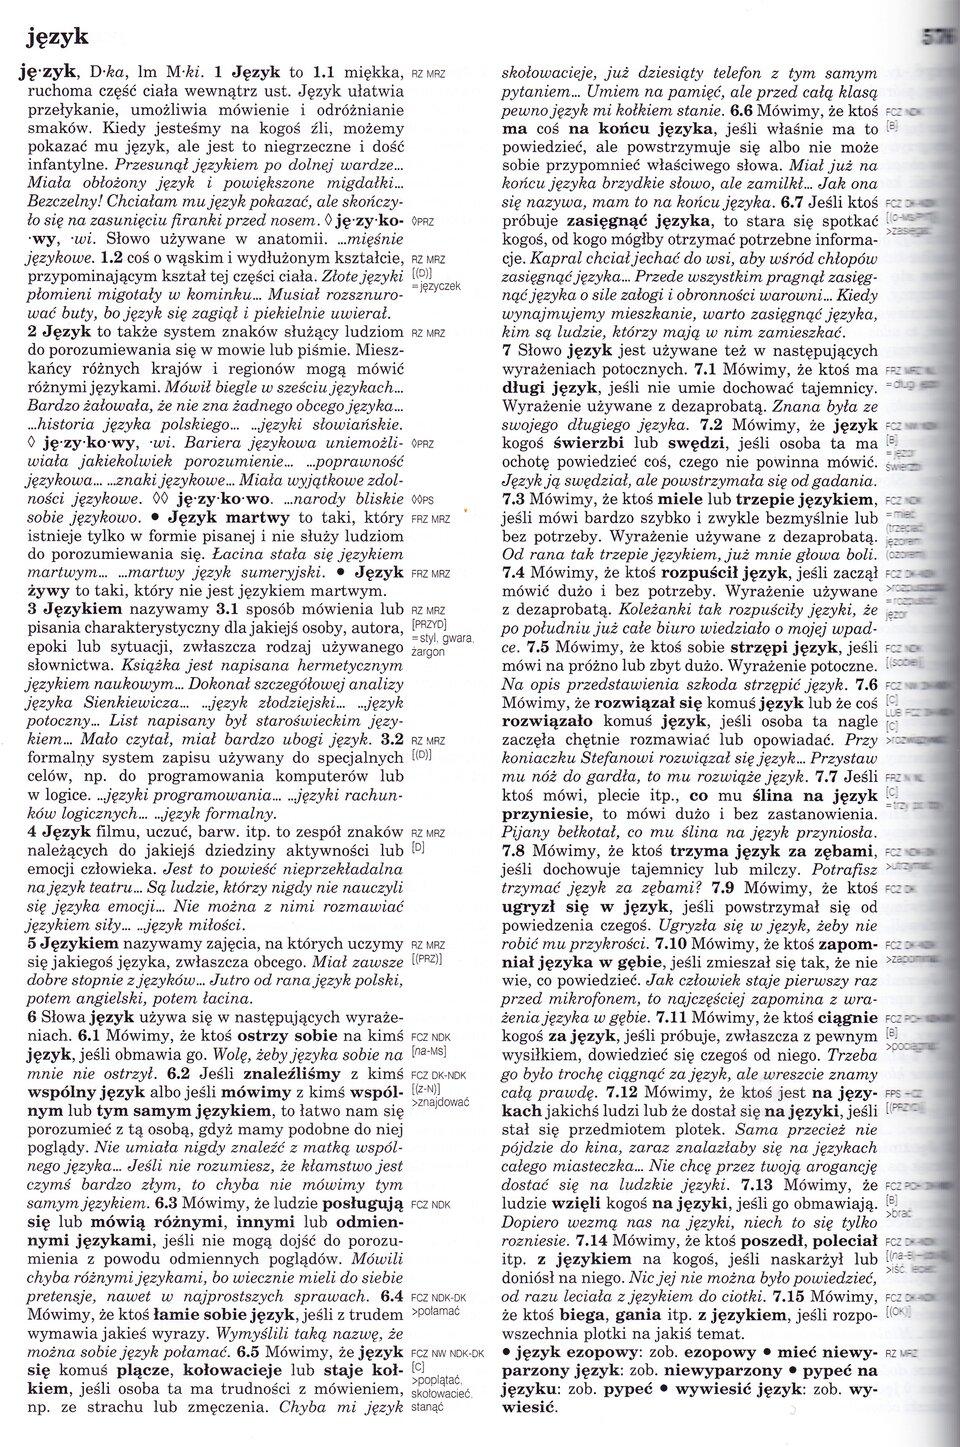 Inny słownik języka polskiego, t. 1–2, red. Mirosław Bańko, Wydawnictwo Naukowe PWN, Warszawa 2000, s. 576. Inny słownik języka polskiego, t. 1–2, red. Mirosław Bańko, Wydawnictwo Naukowe PWN, Warszawa 2000, s. 576. Źródło: skan, domena publiczna.